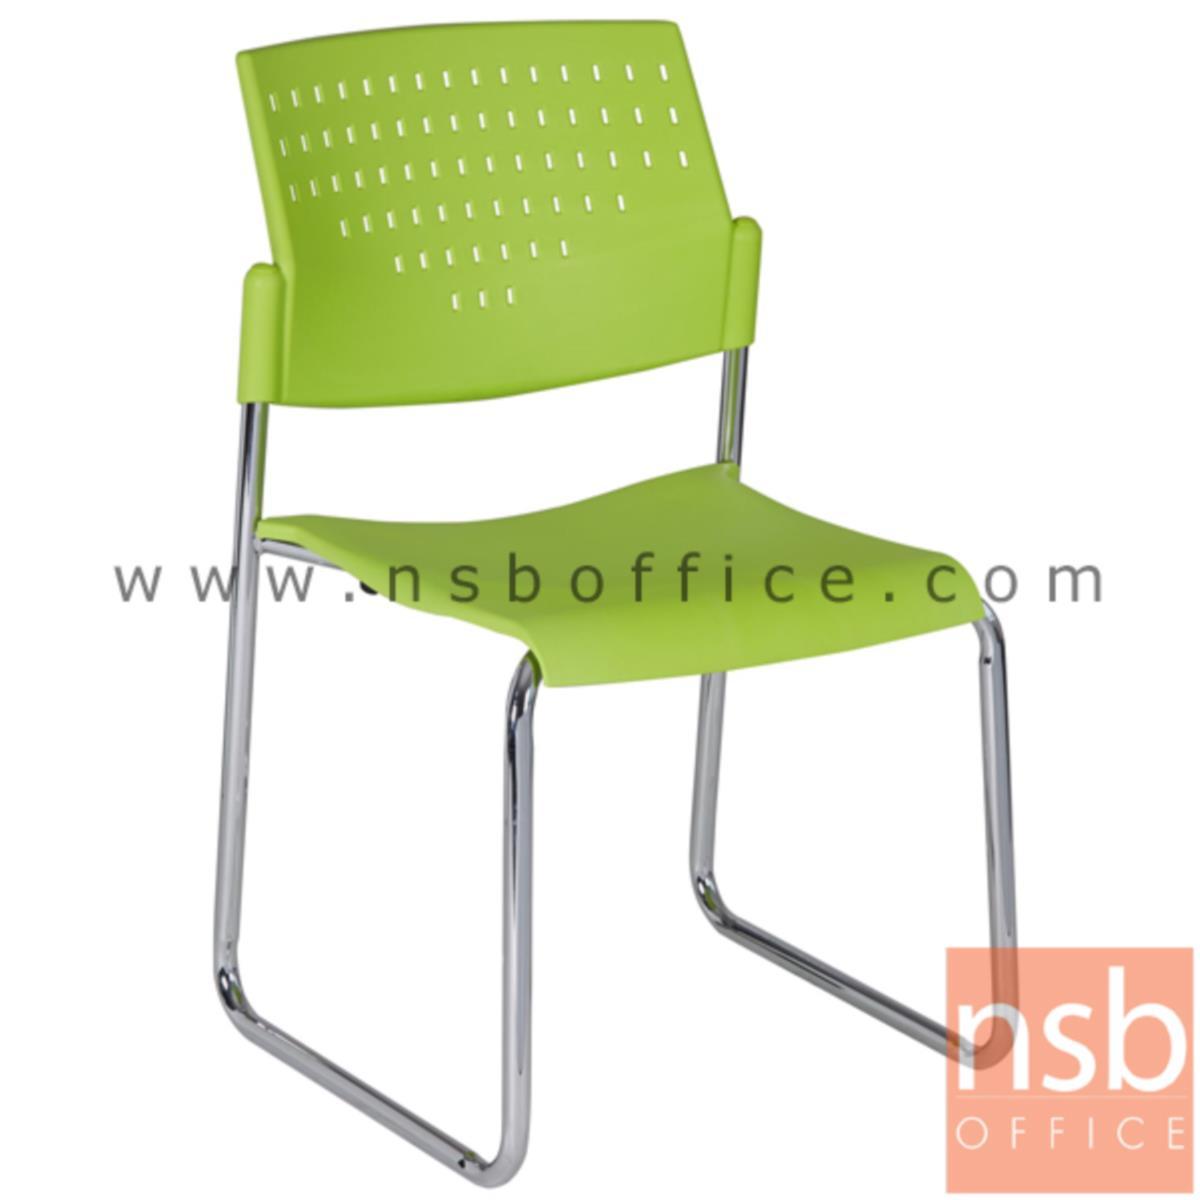 B05A125:เก้าอี้รับแขกขาตัวยูหลังเปลือกโพลี่ รุ่น Ivan (อีวาน)  ขาเหล็กชุบโครเมี่ยม